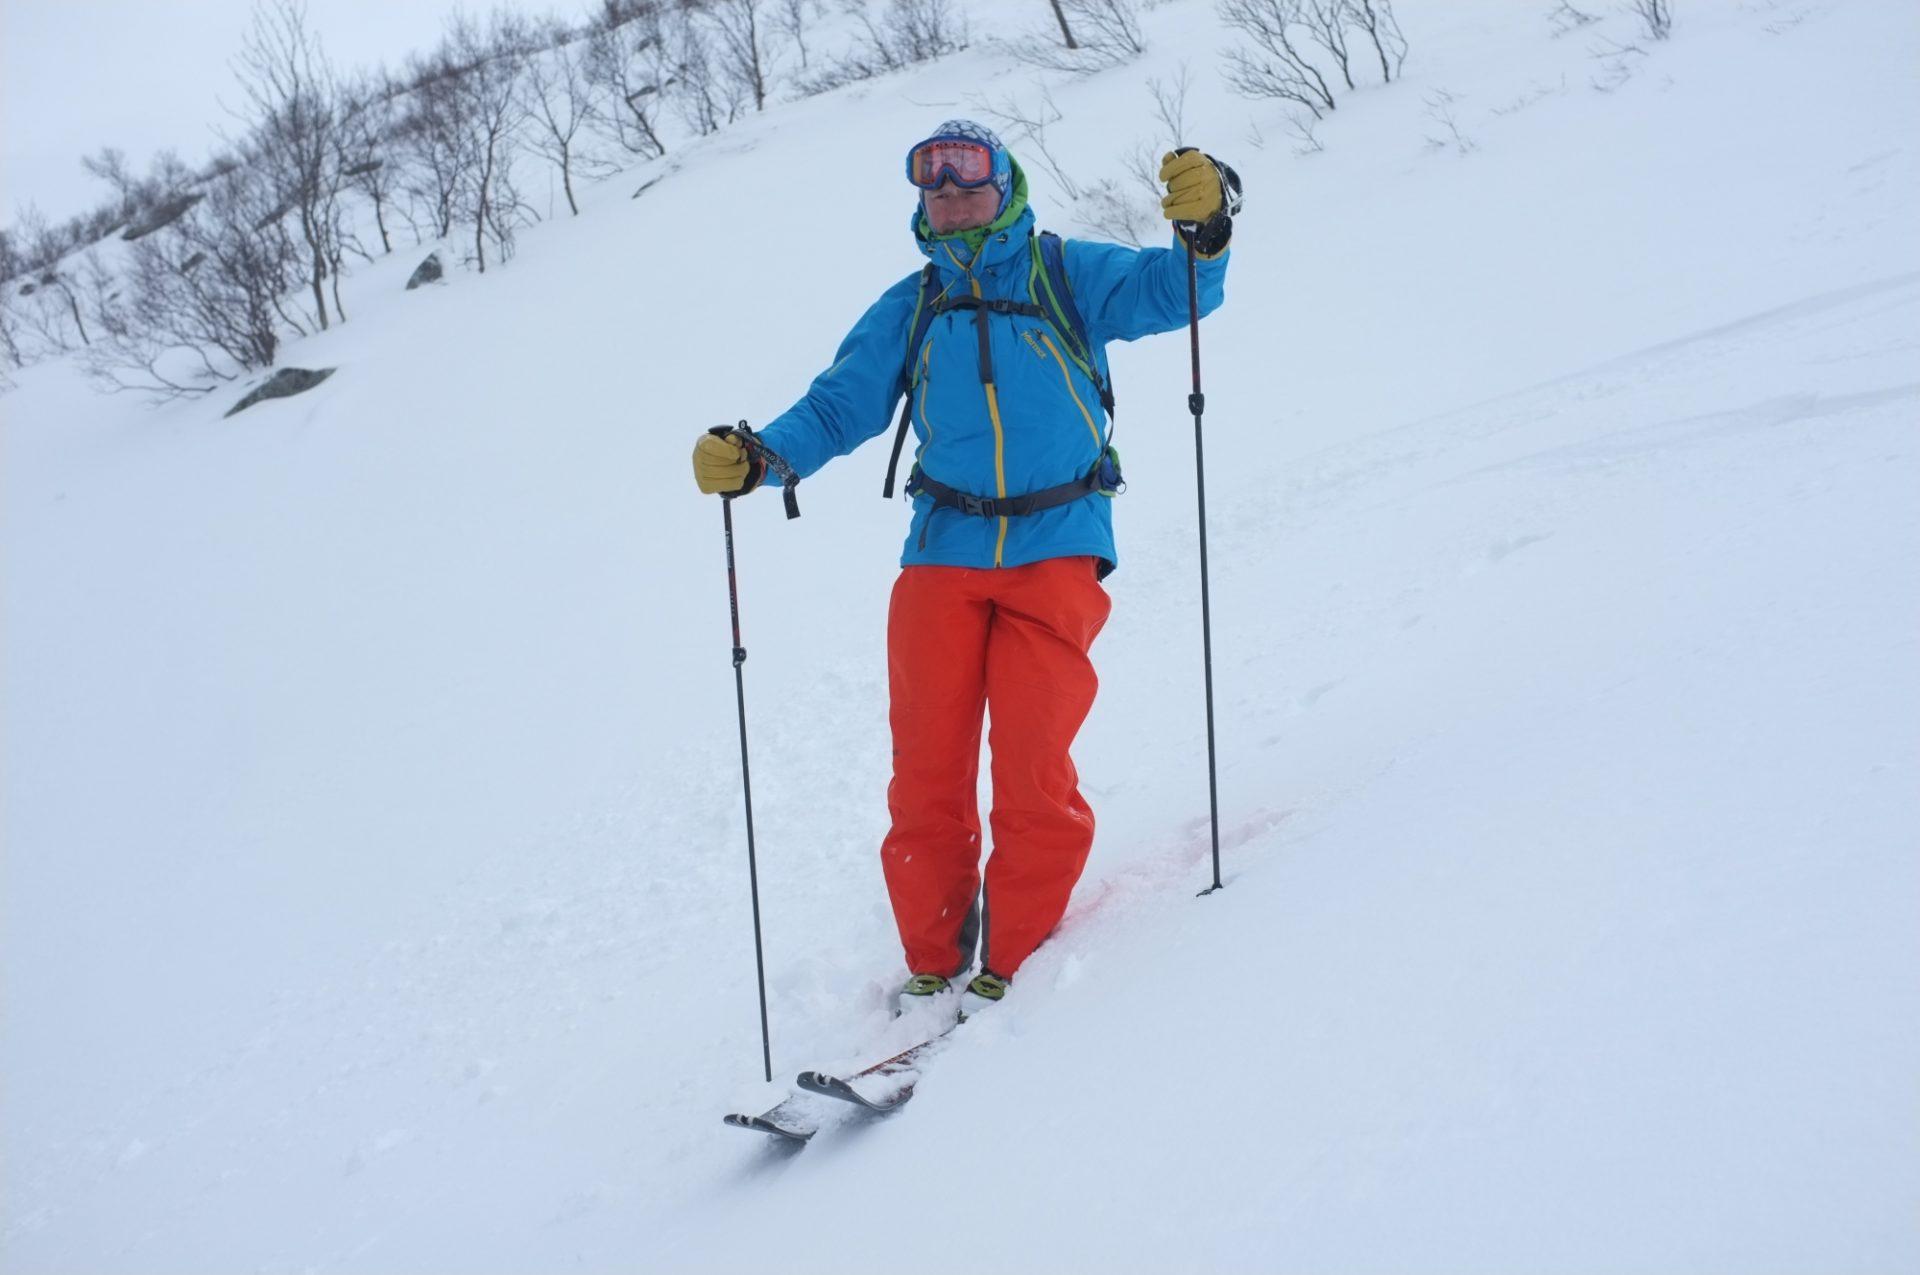 Bergsteigertipp: Ski an- und ausziehen